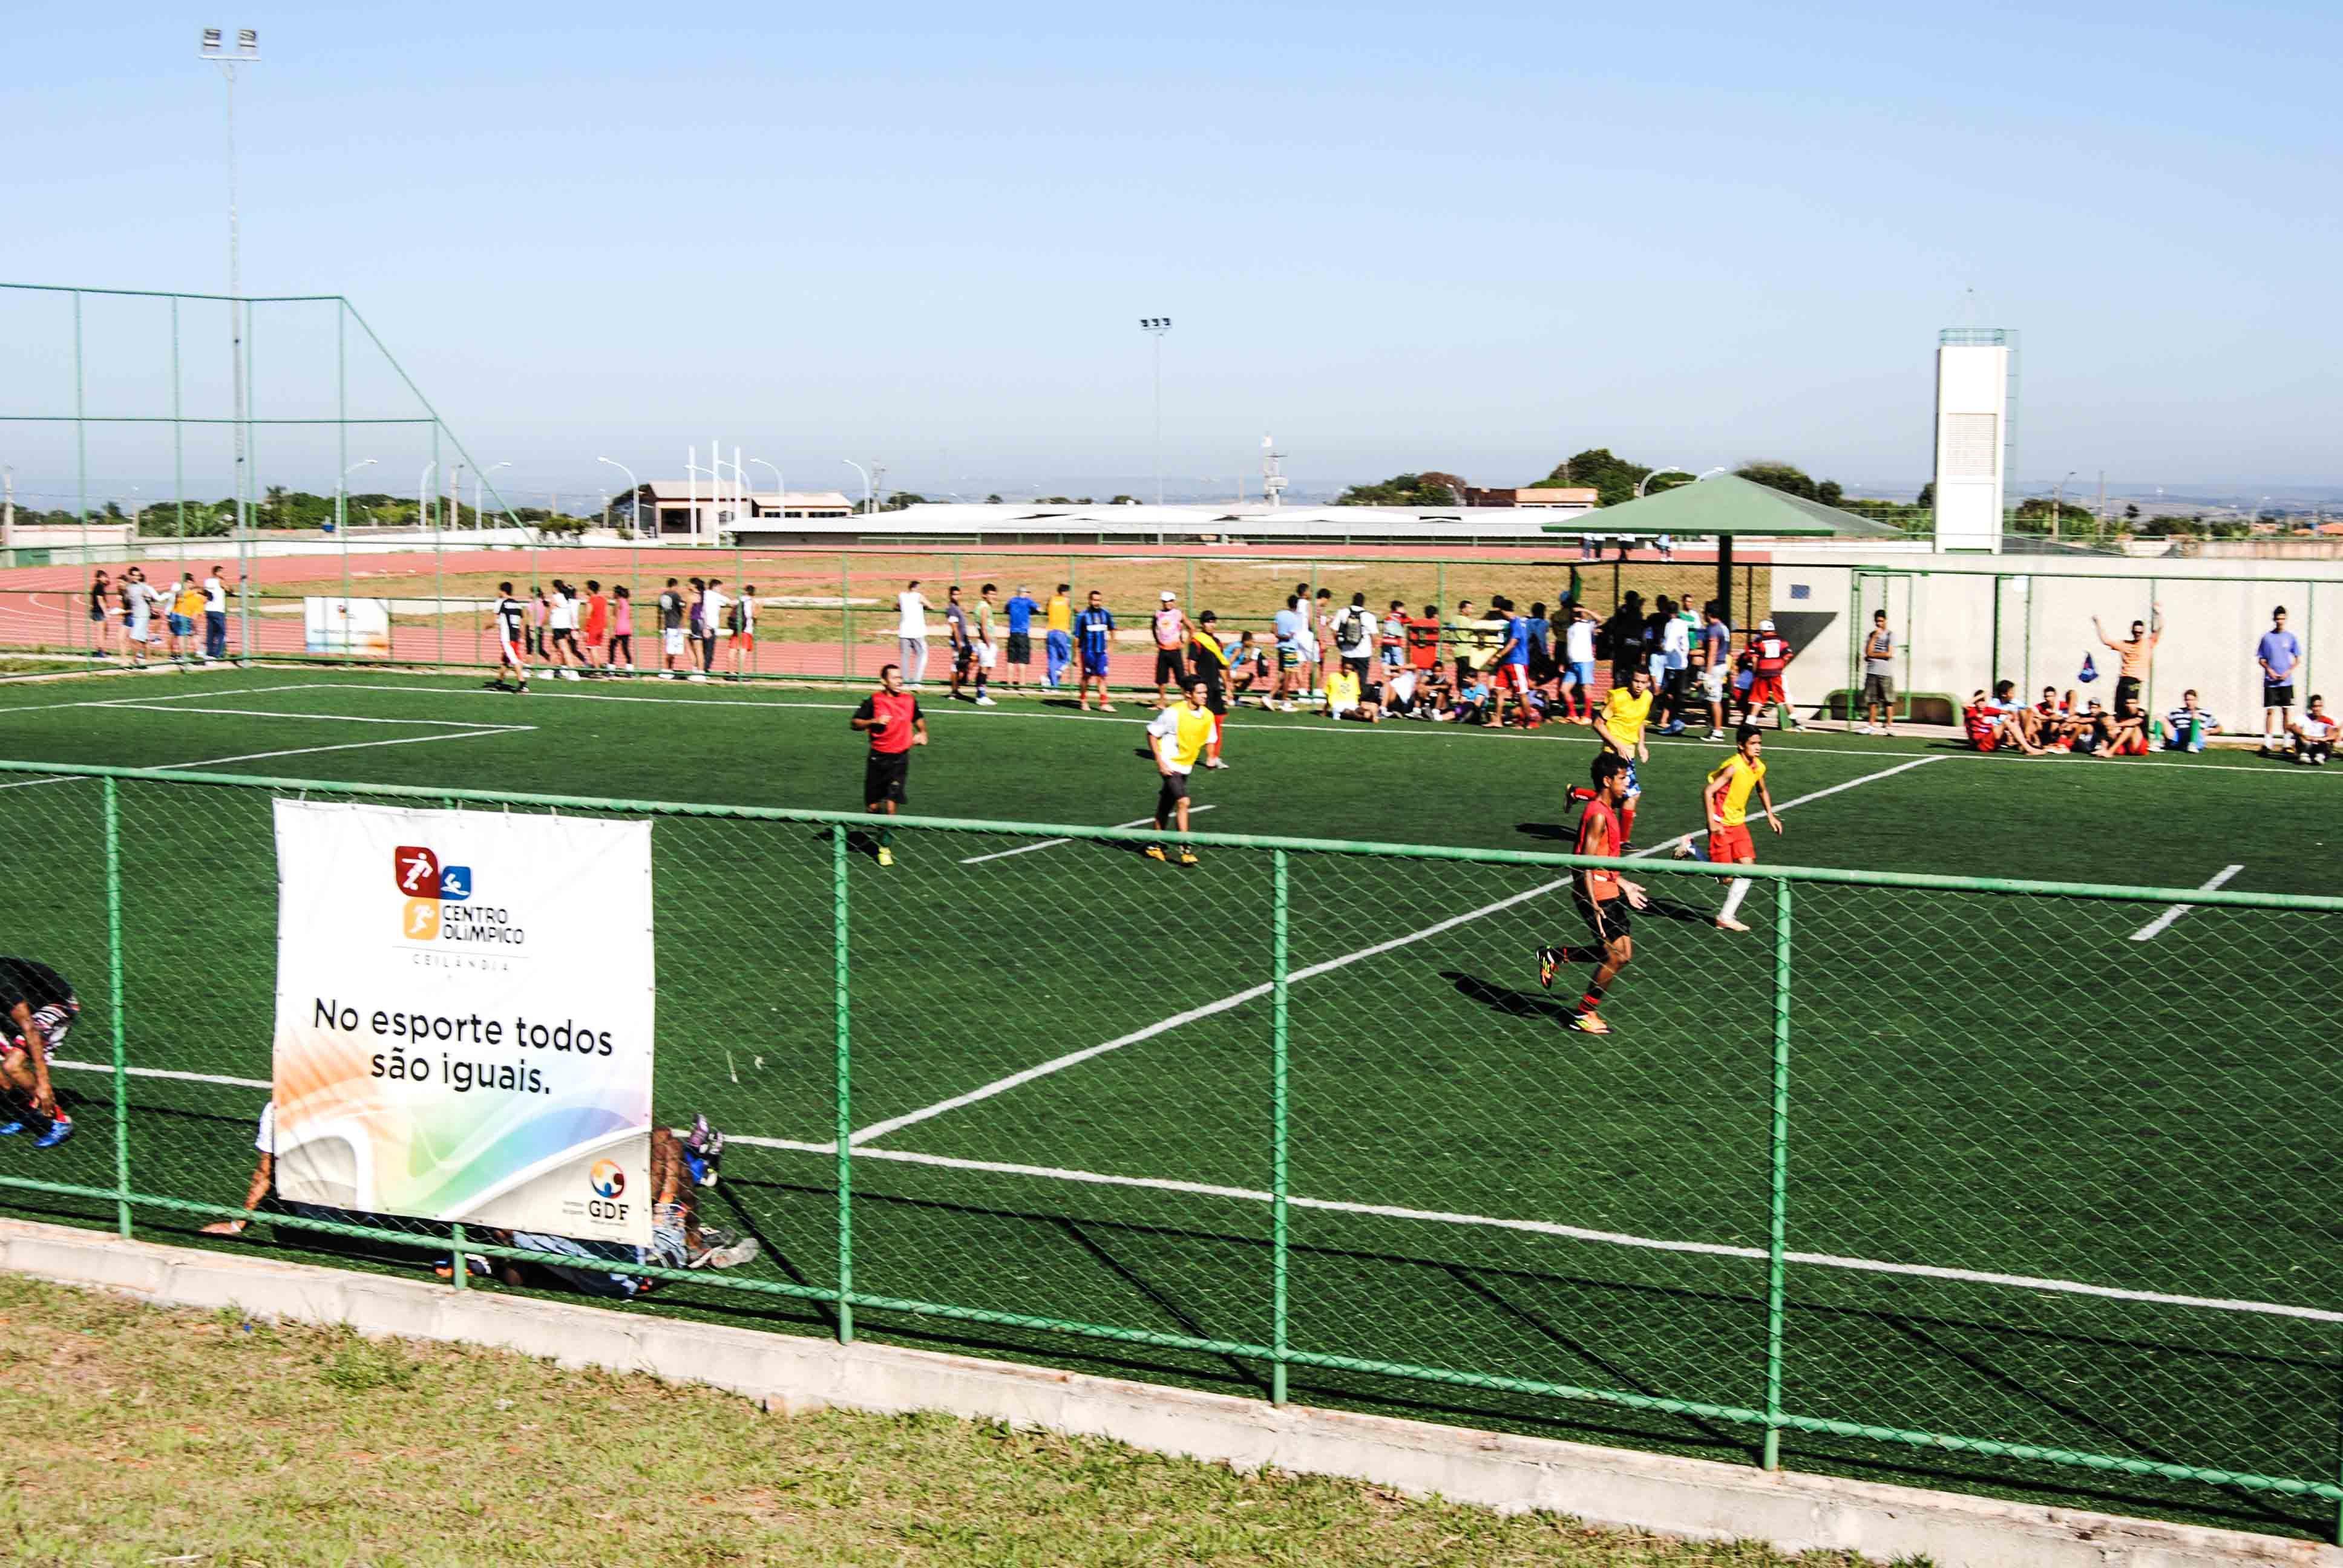 Centro Esportivo Do Sol Nascente Ceilandia Com Imagens